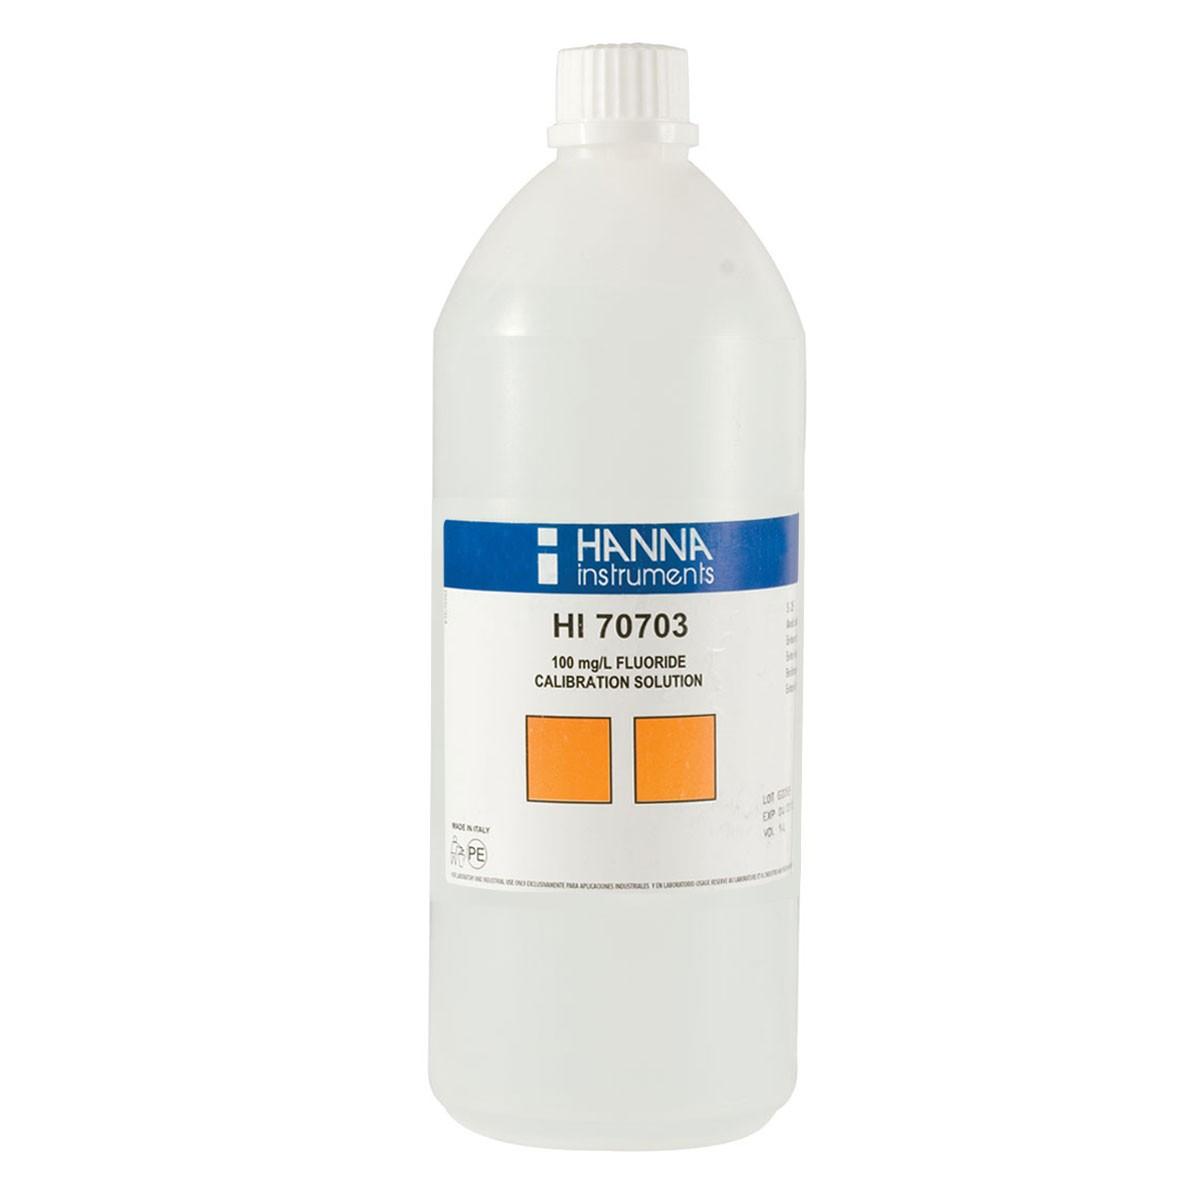 HI70703L Fluoride Standard Solution 100 mg/L (500 mL)